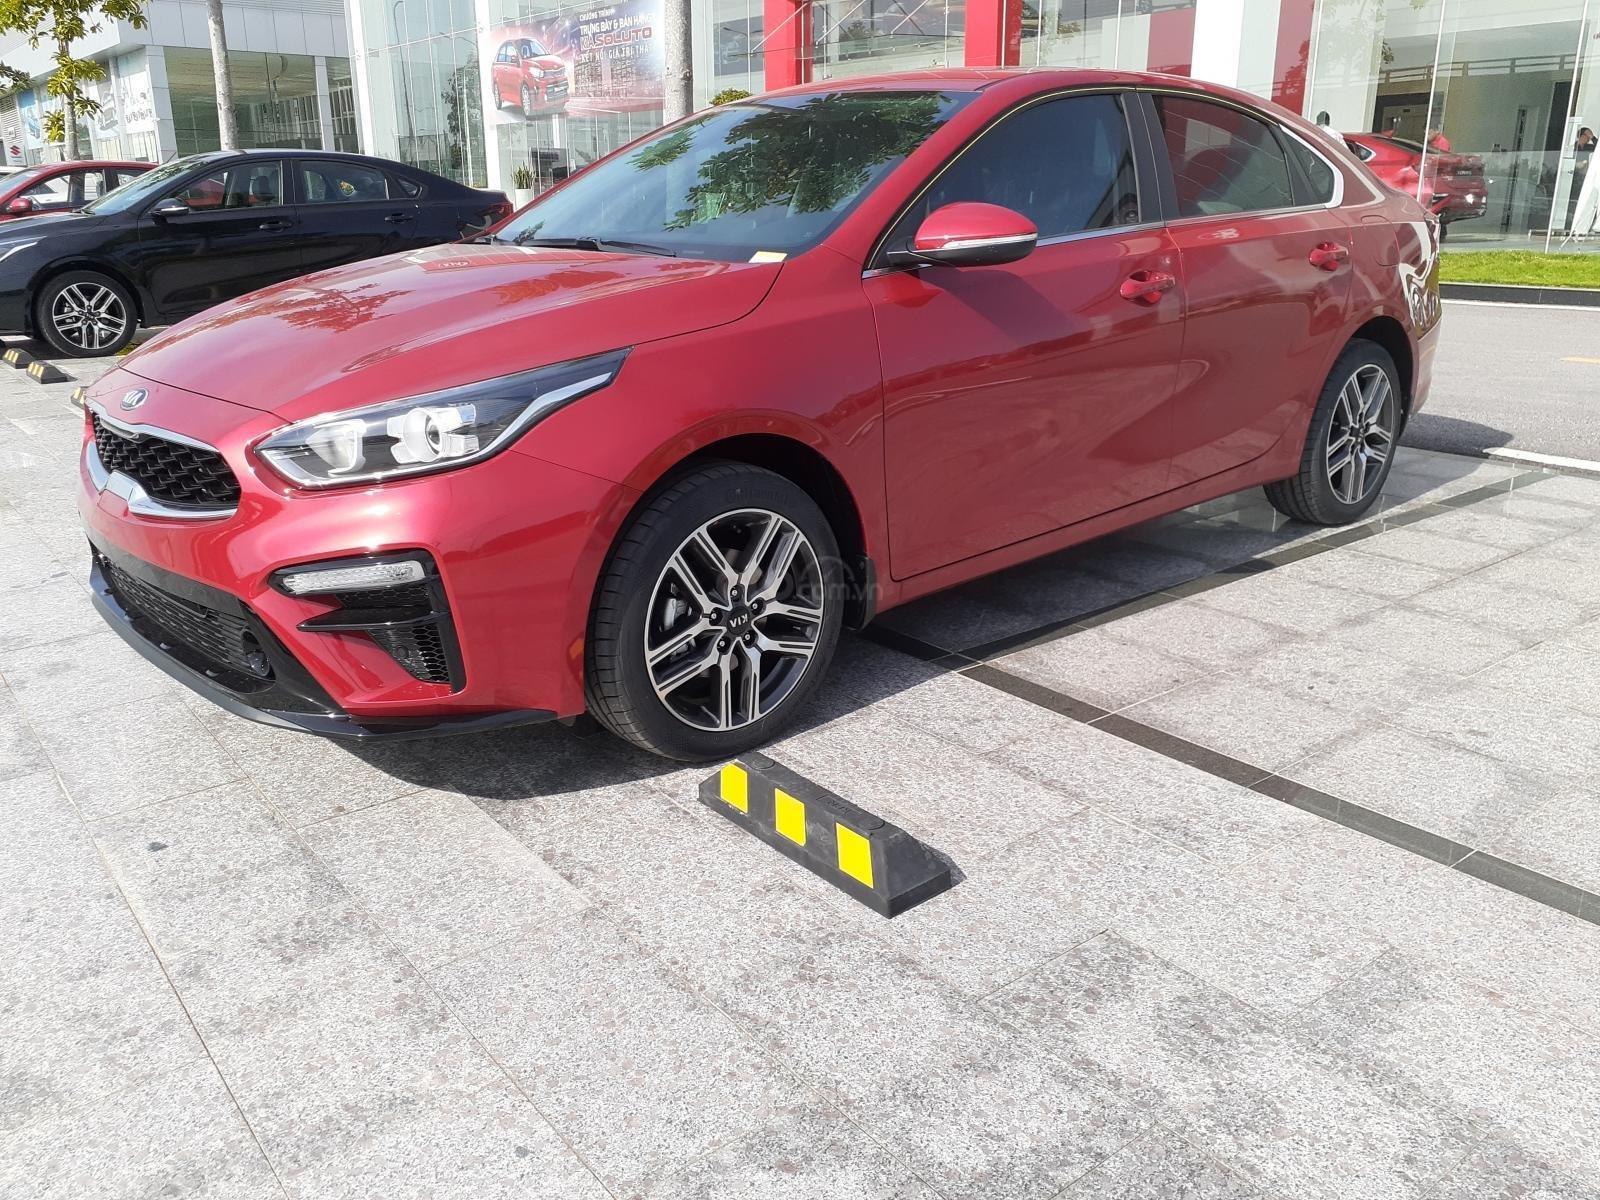 Bán Kia Cerato 2019, đủ màu, có xe ngay, trả góp 90% giá trị xe, liên hệ: 0917096288 (2)